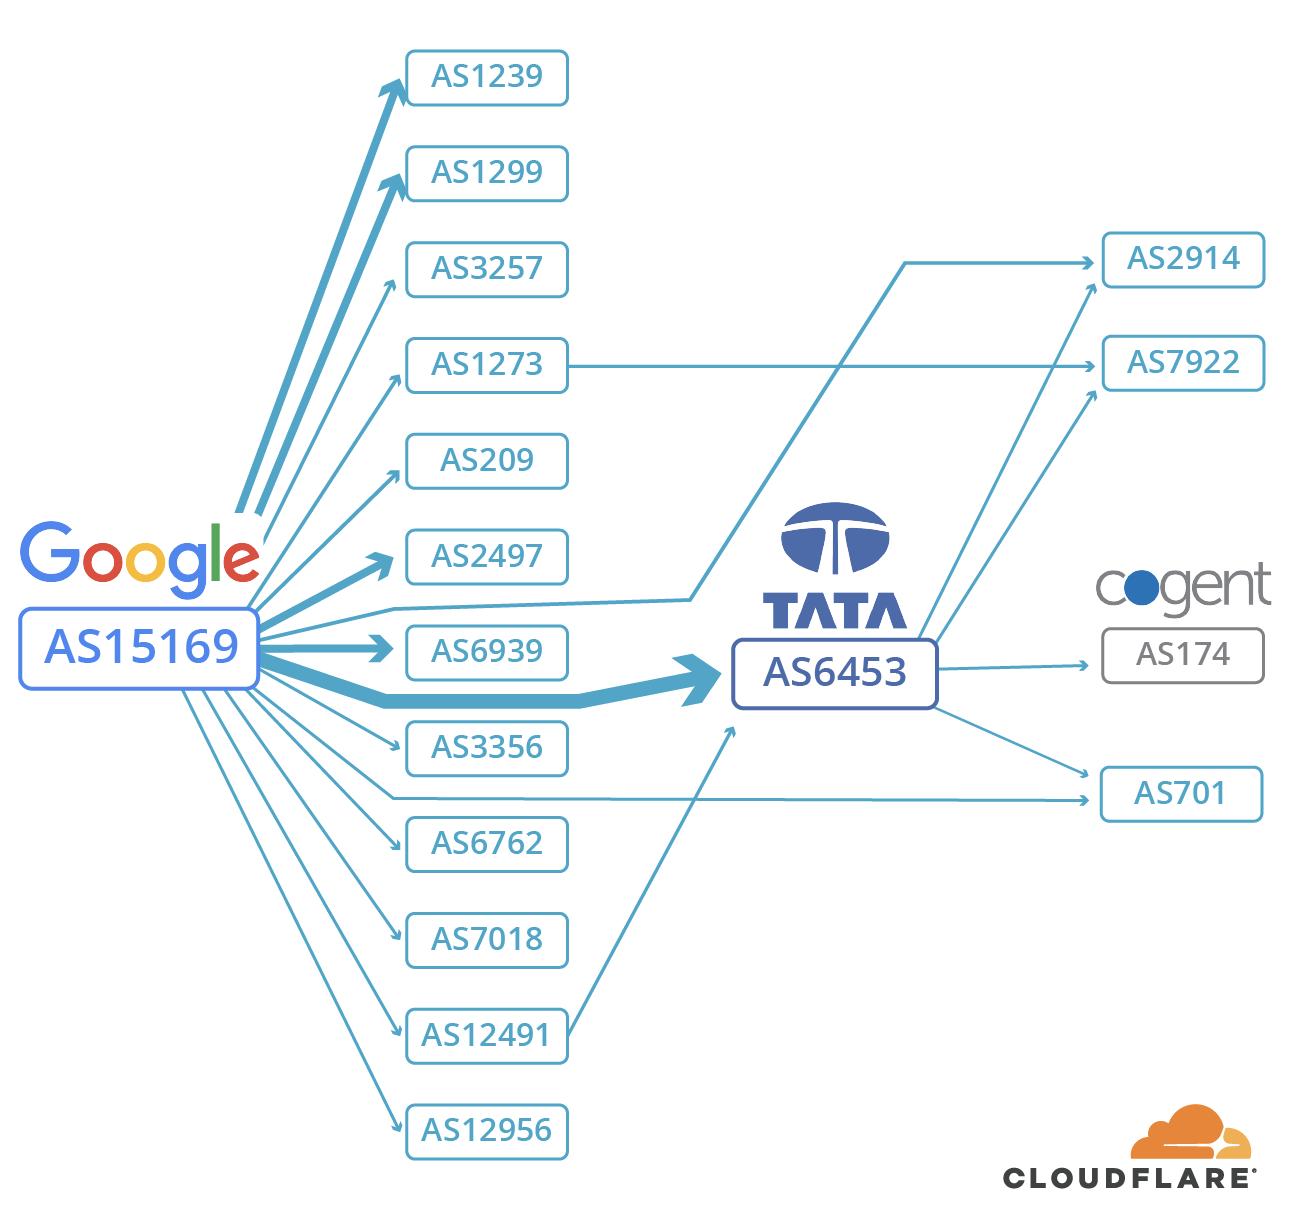 关于 Google/AS15169 路由如何传播到第1层 (Tier-1) 网络的典型视图